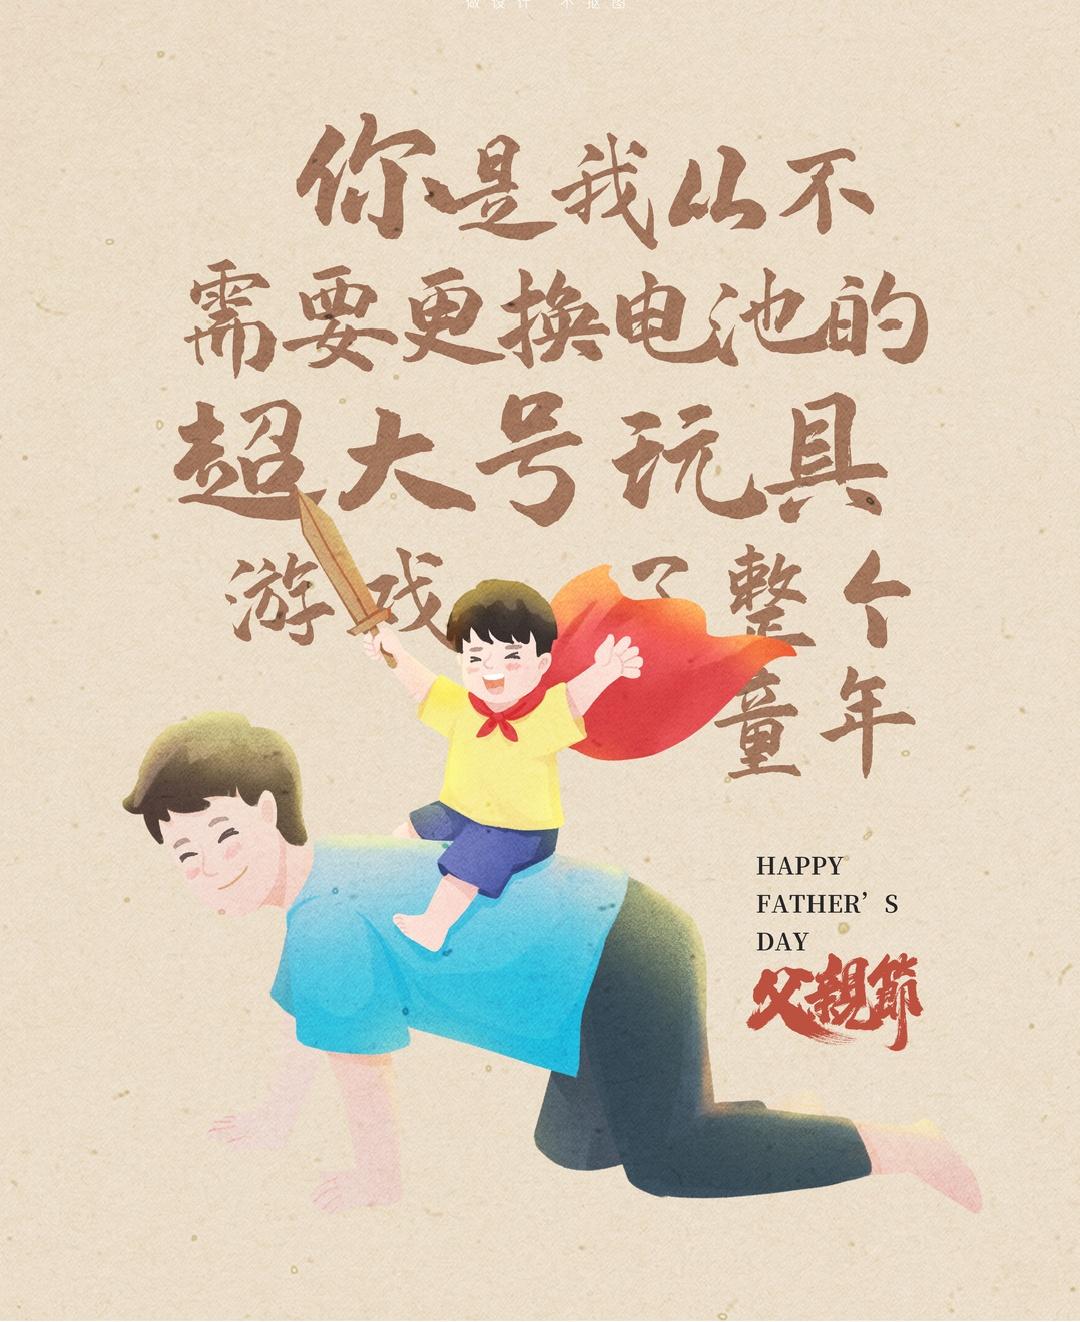 千库网_父亲节父子浅色手绘插画海报_模板编号5186052.jpg